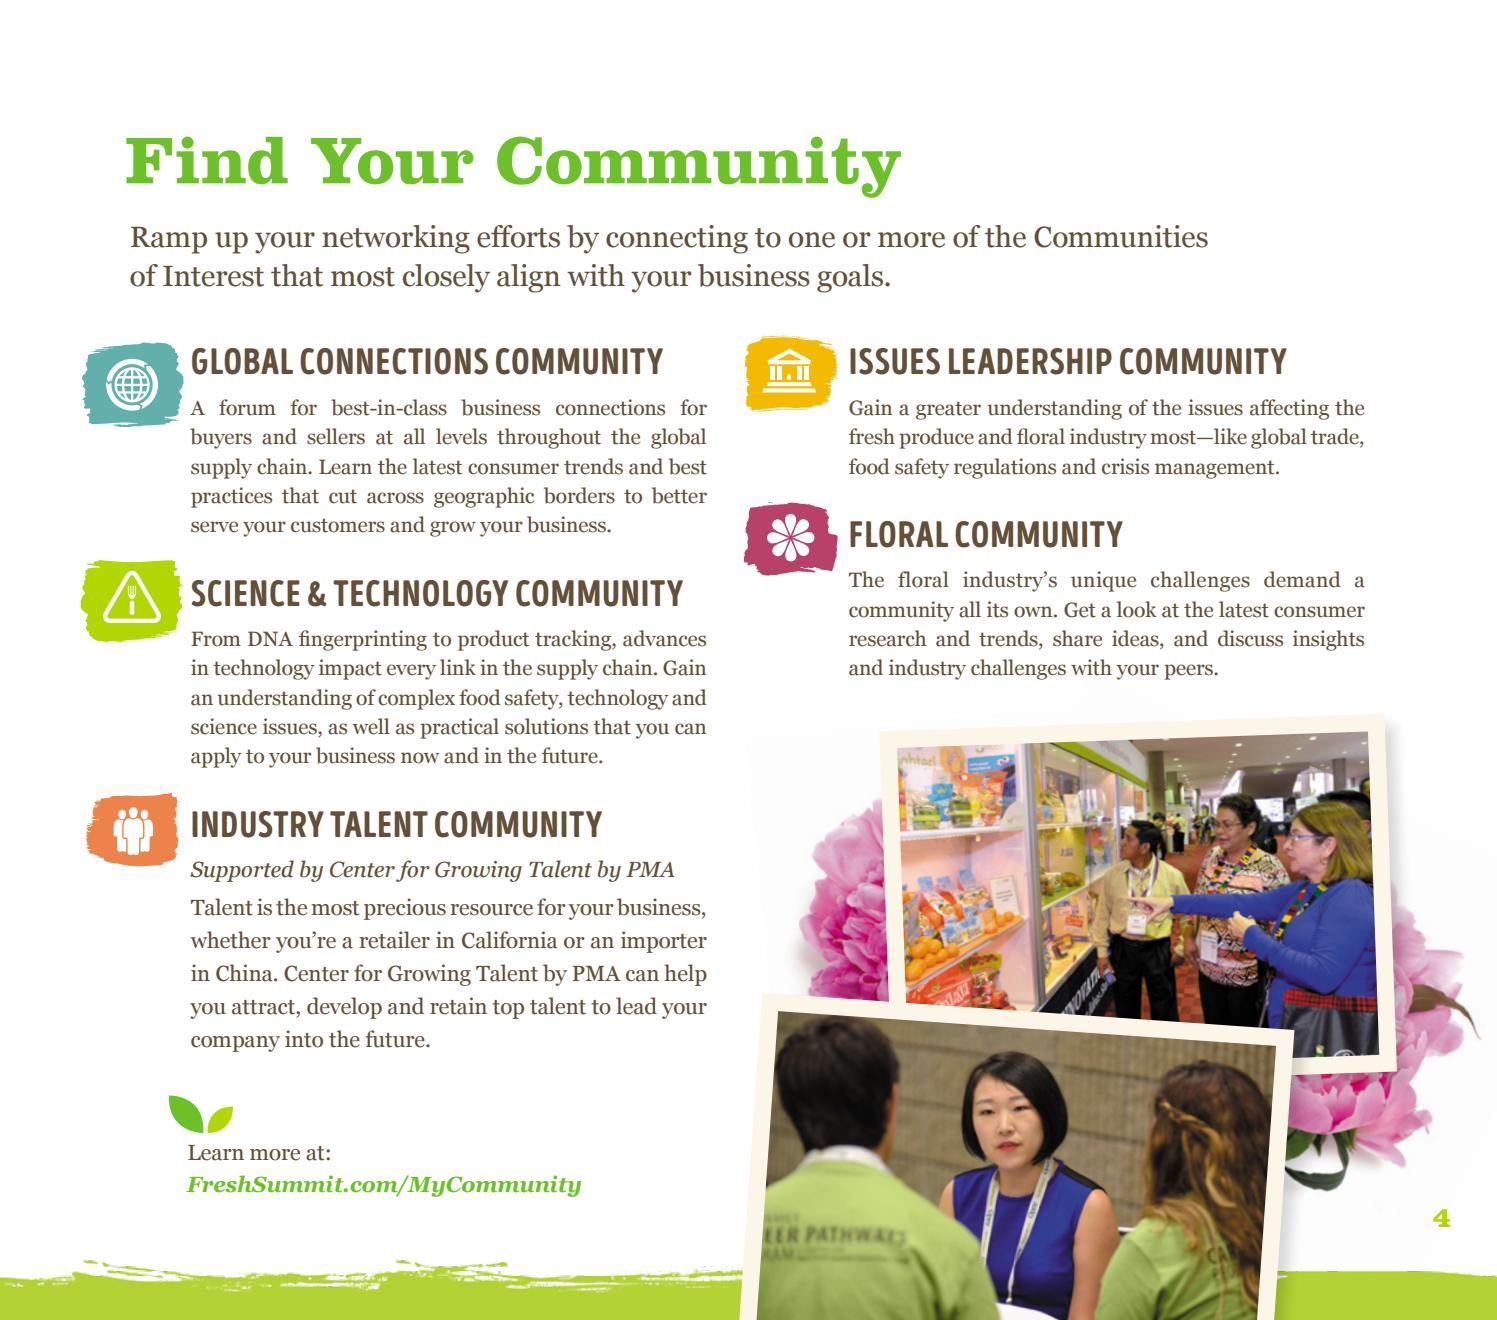 Fresh Summit brochure 2016 by Produce Marketing Association